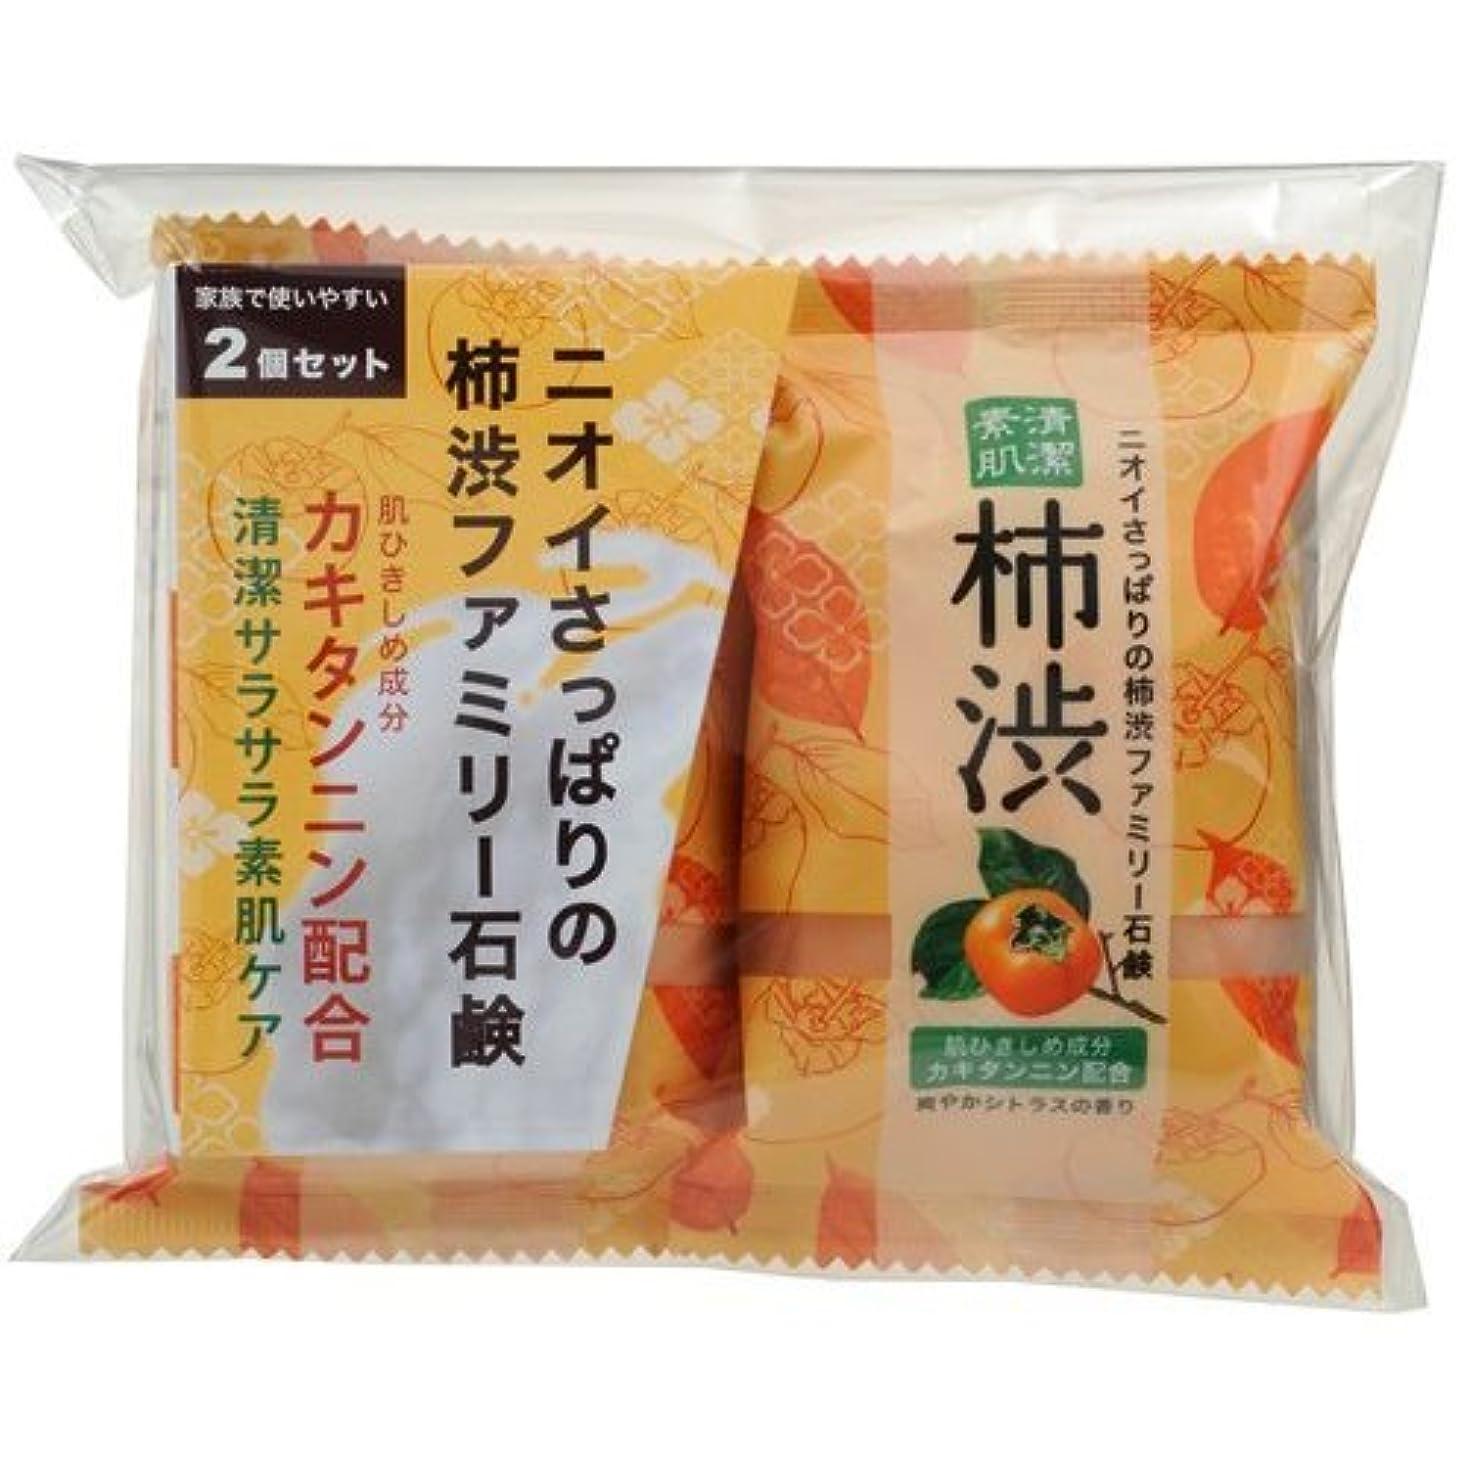 ペリカン石鹸 ファミリー柿渋石けん2コパック